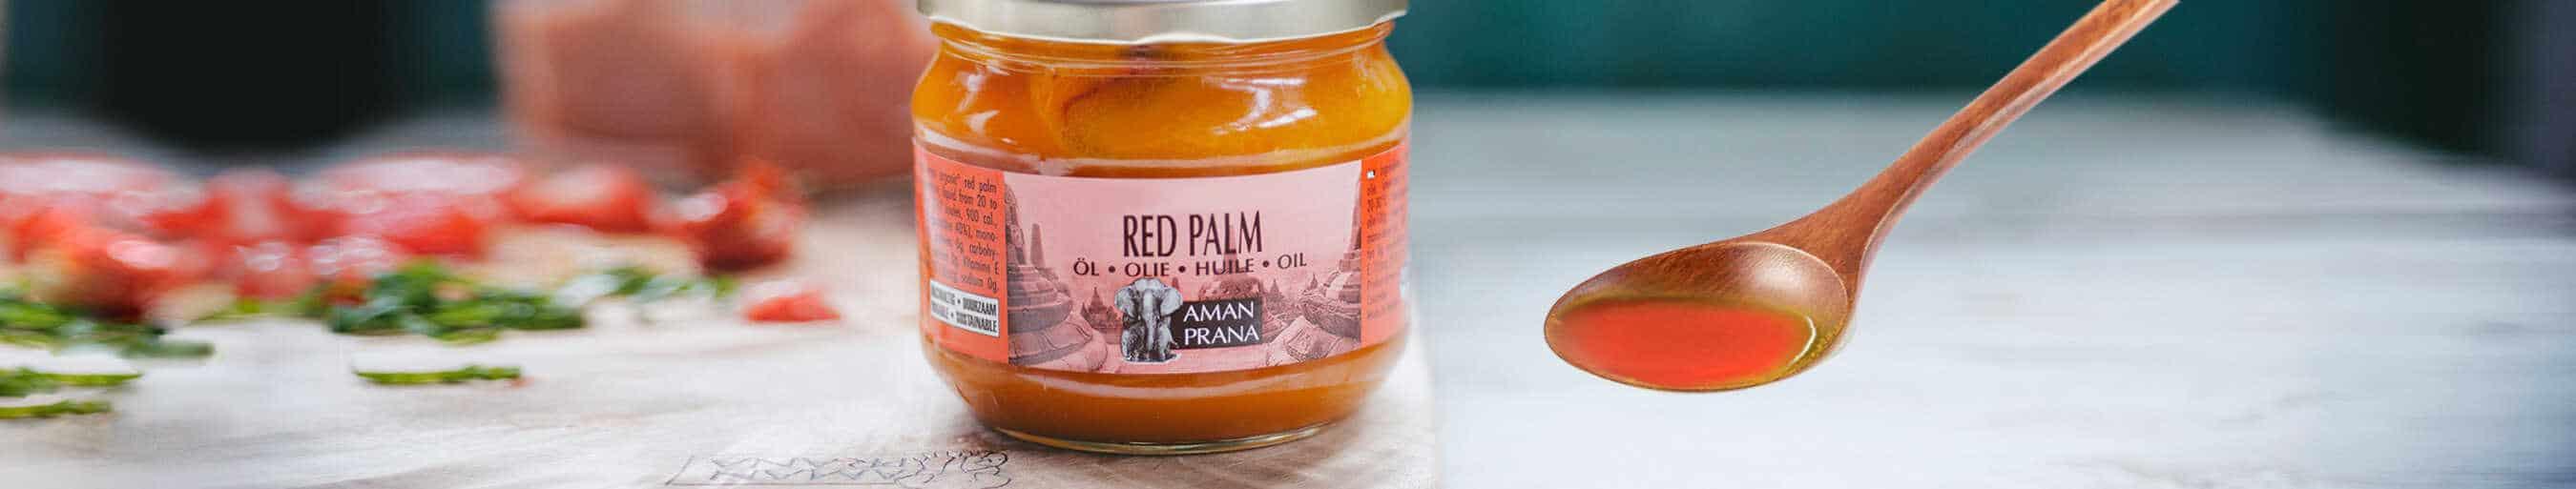 Rode Palmolie van Amanprana: duurzaam en biologisch